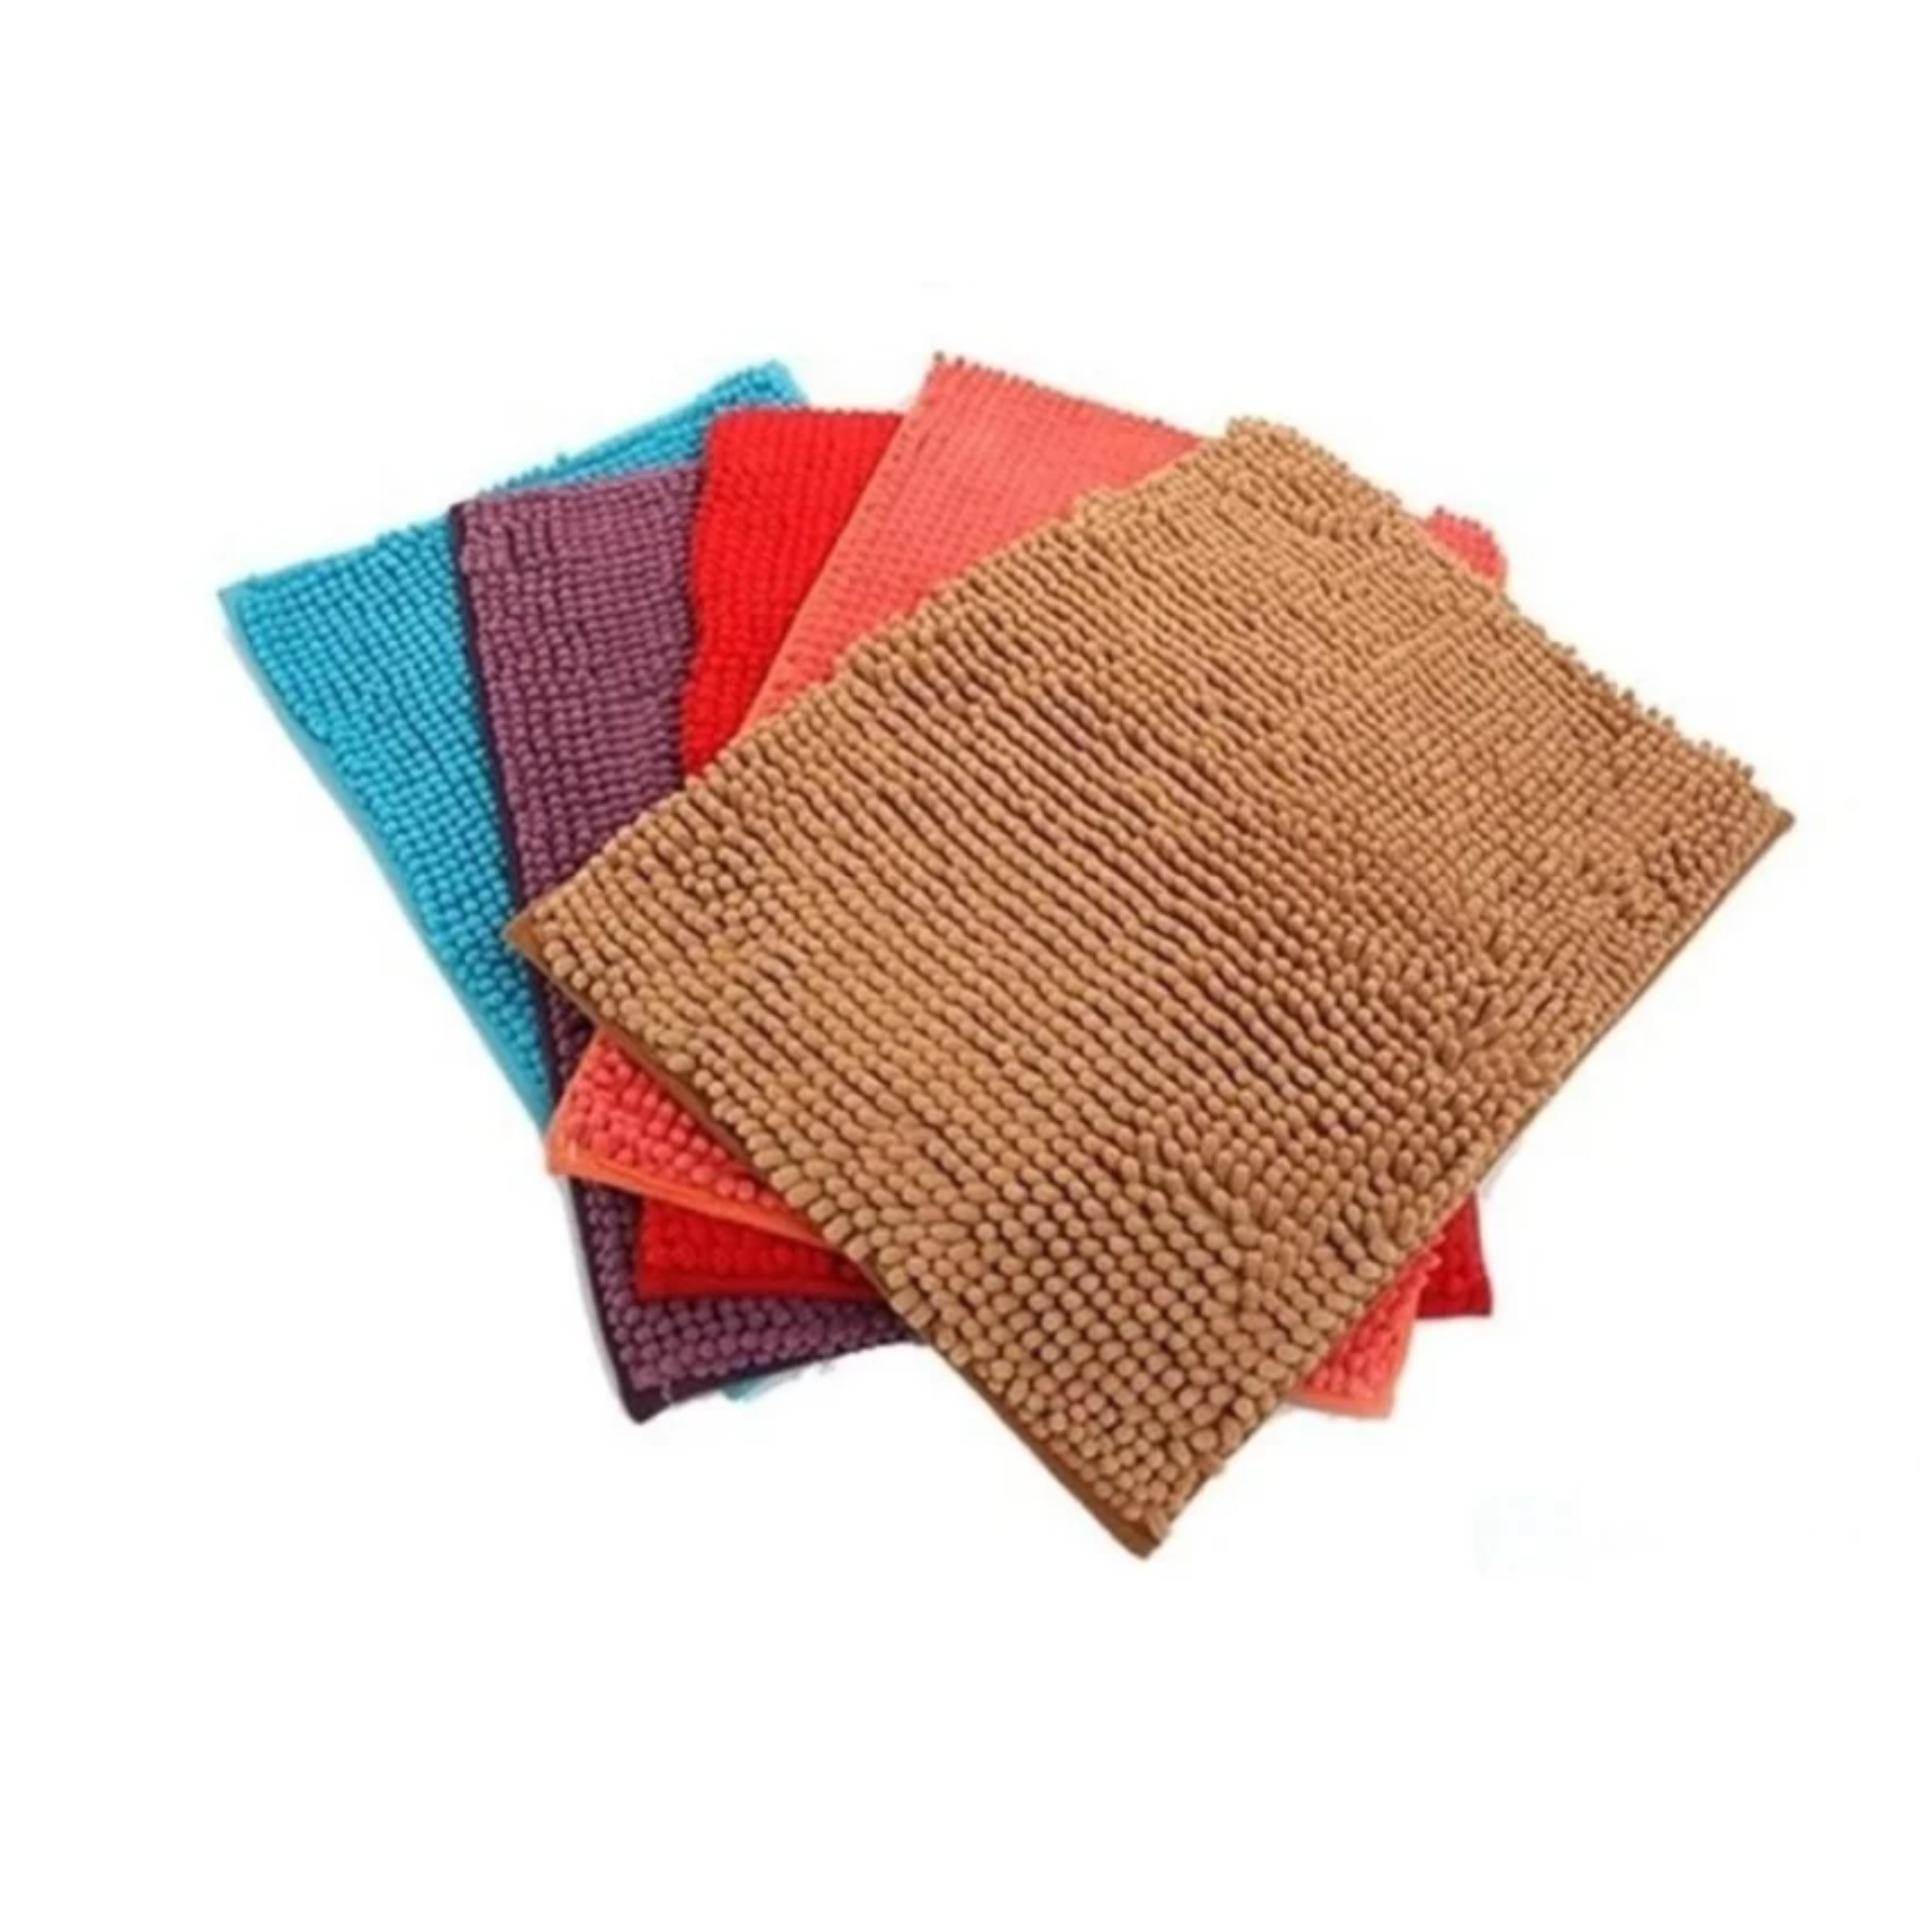 Đánh Giá Bộ 4 thảm lau chân san hô siêu thấm loại to (60x40cm)(Nhiều màu)